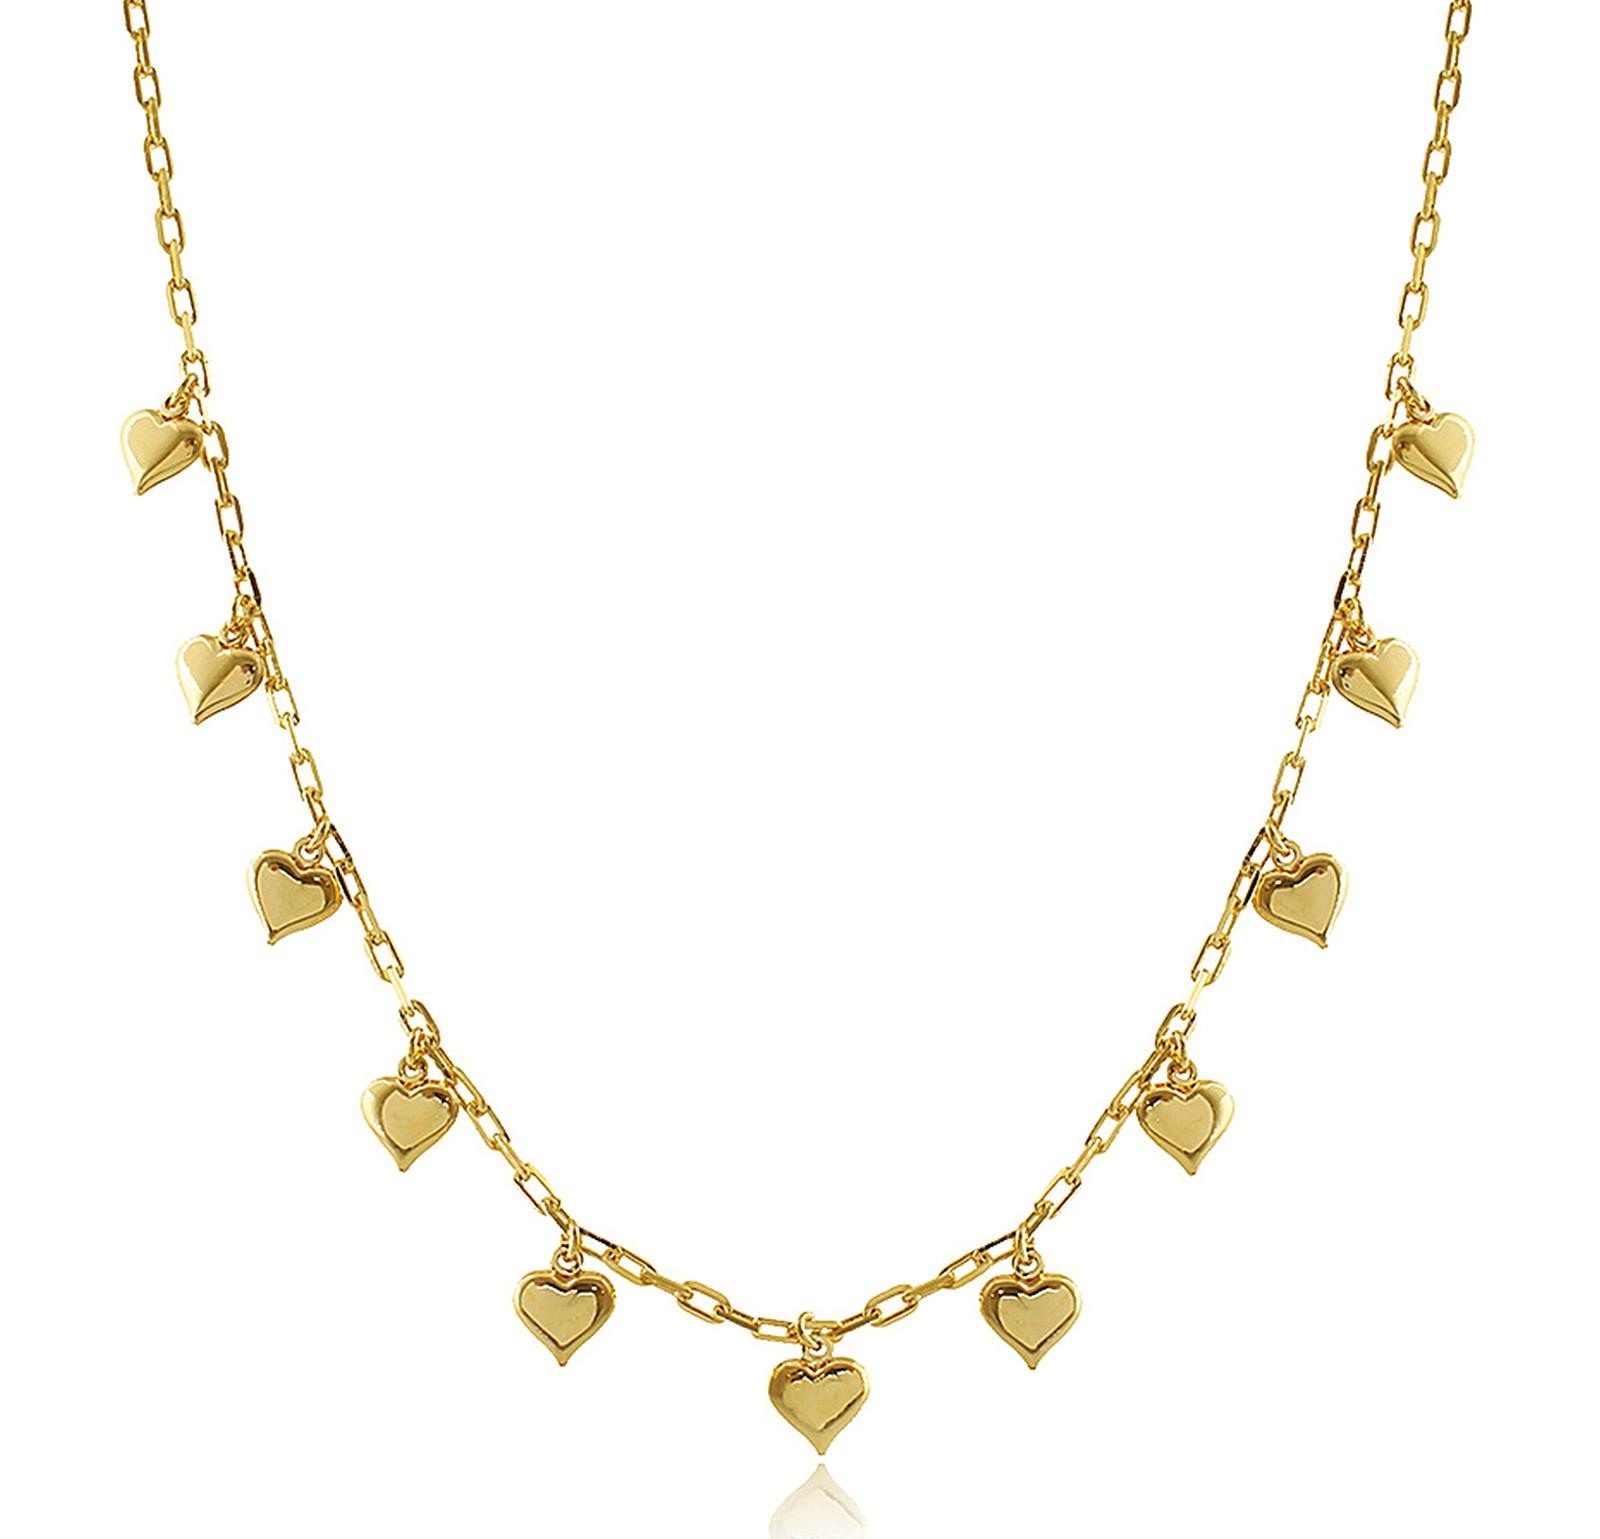 Colar Corrente Elos Cartier Coração Dourado Duquesa Semijoia